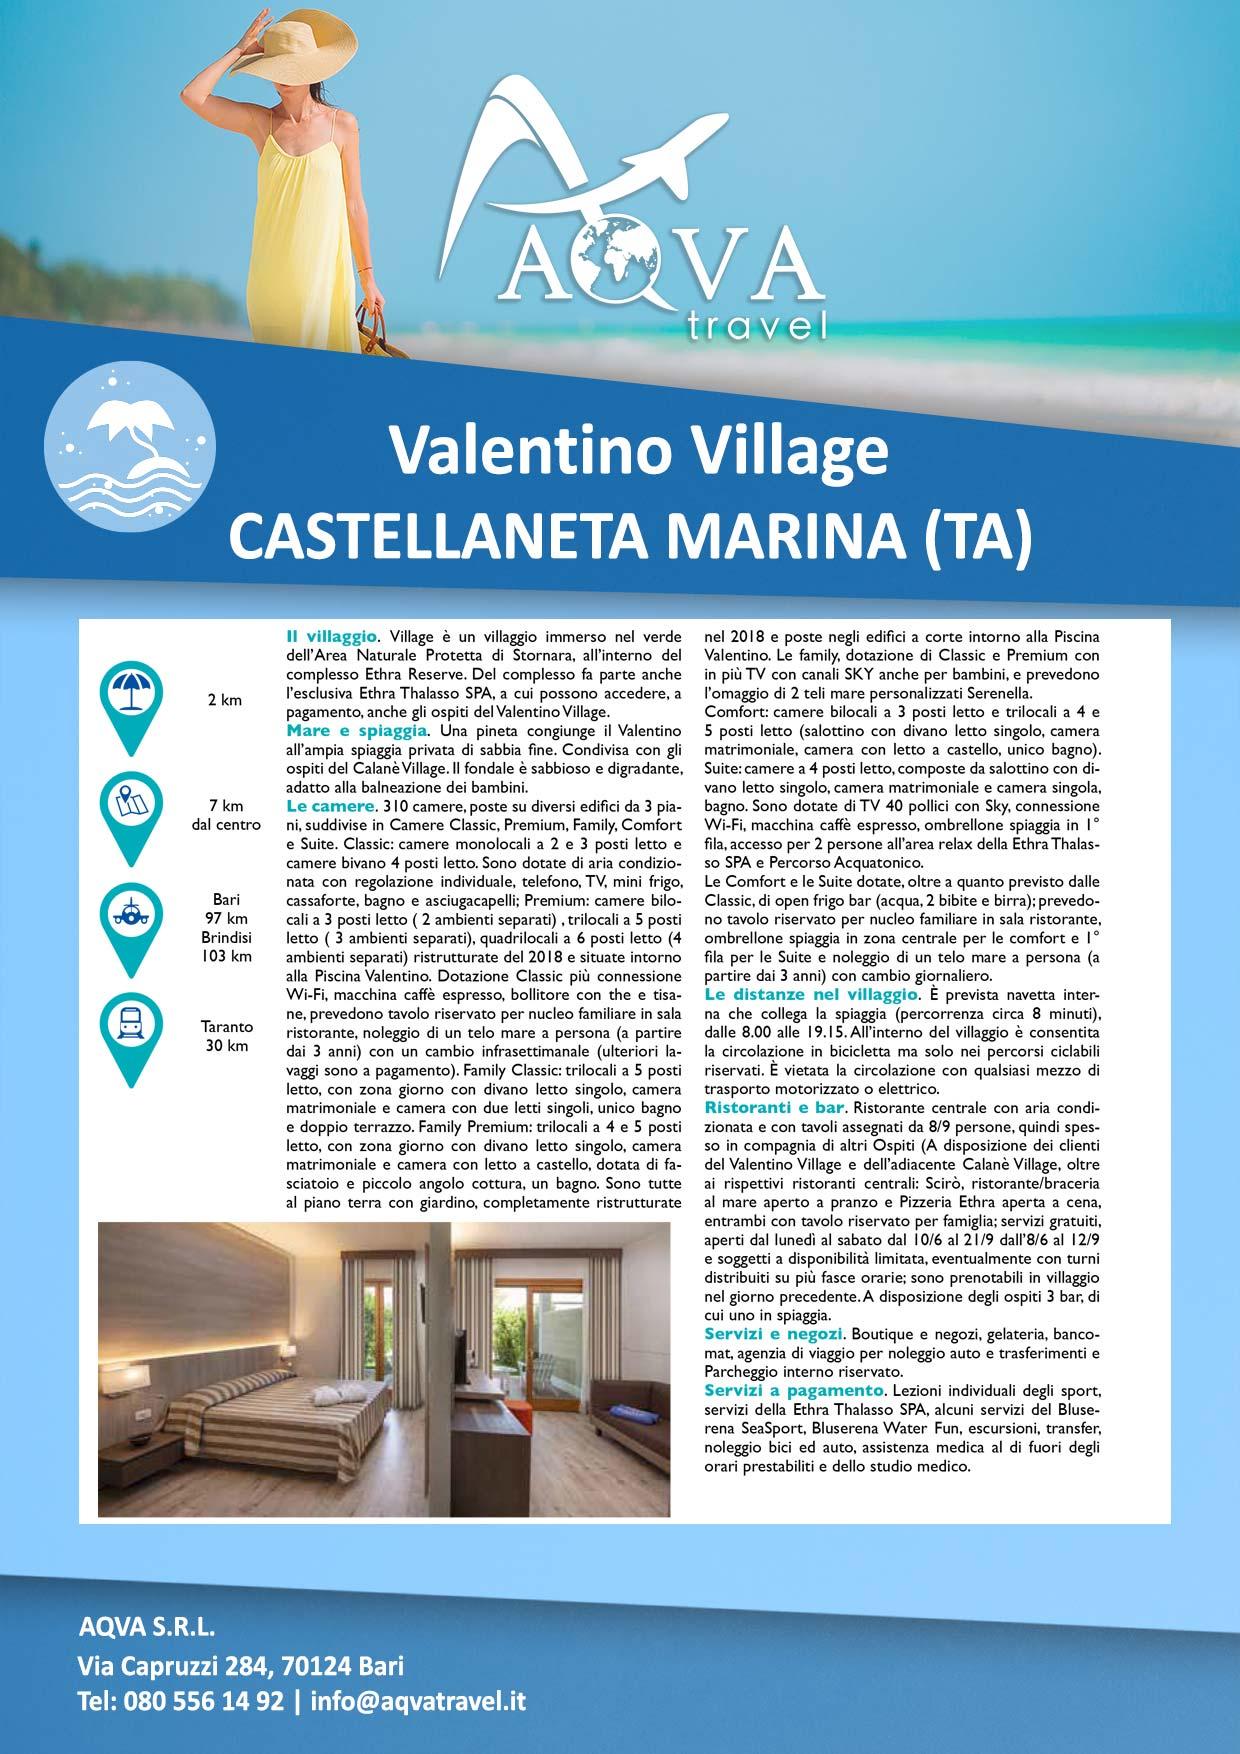 Valentino-Village-4-CASTELLANETA-MARINA-(TA)-Mare-offerte-agenzia-di-viaggi-Bari-AQVATRAVEL-it